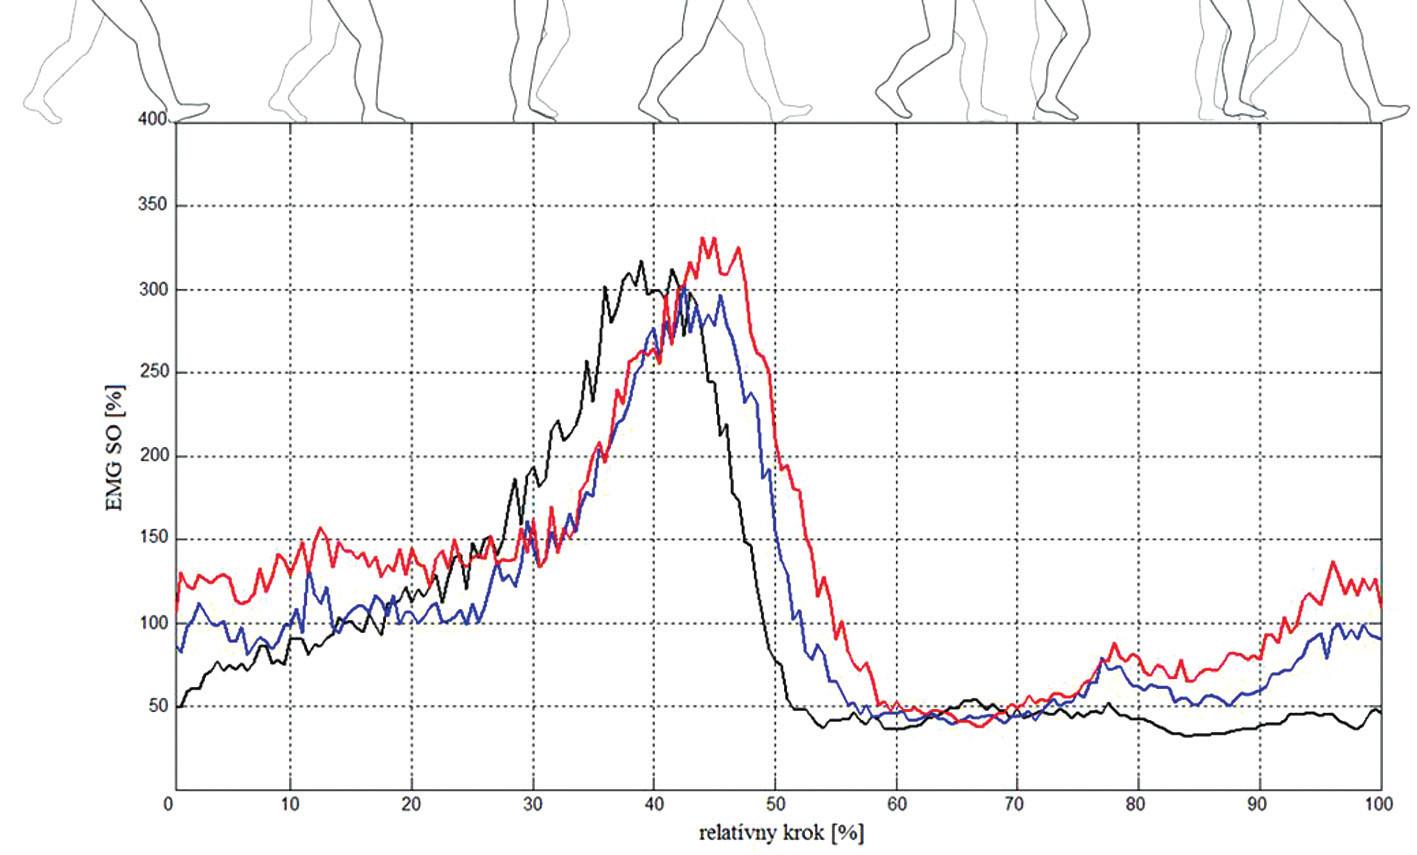 Normalizovaná priemerná EMG aktivita m. soleus (SO) počas relatívneho kroku pri troch veľkostiach podpätku: čierna krivka – naboso, modrá – nízky a červená – vysoký podpätok.